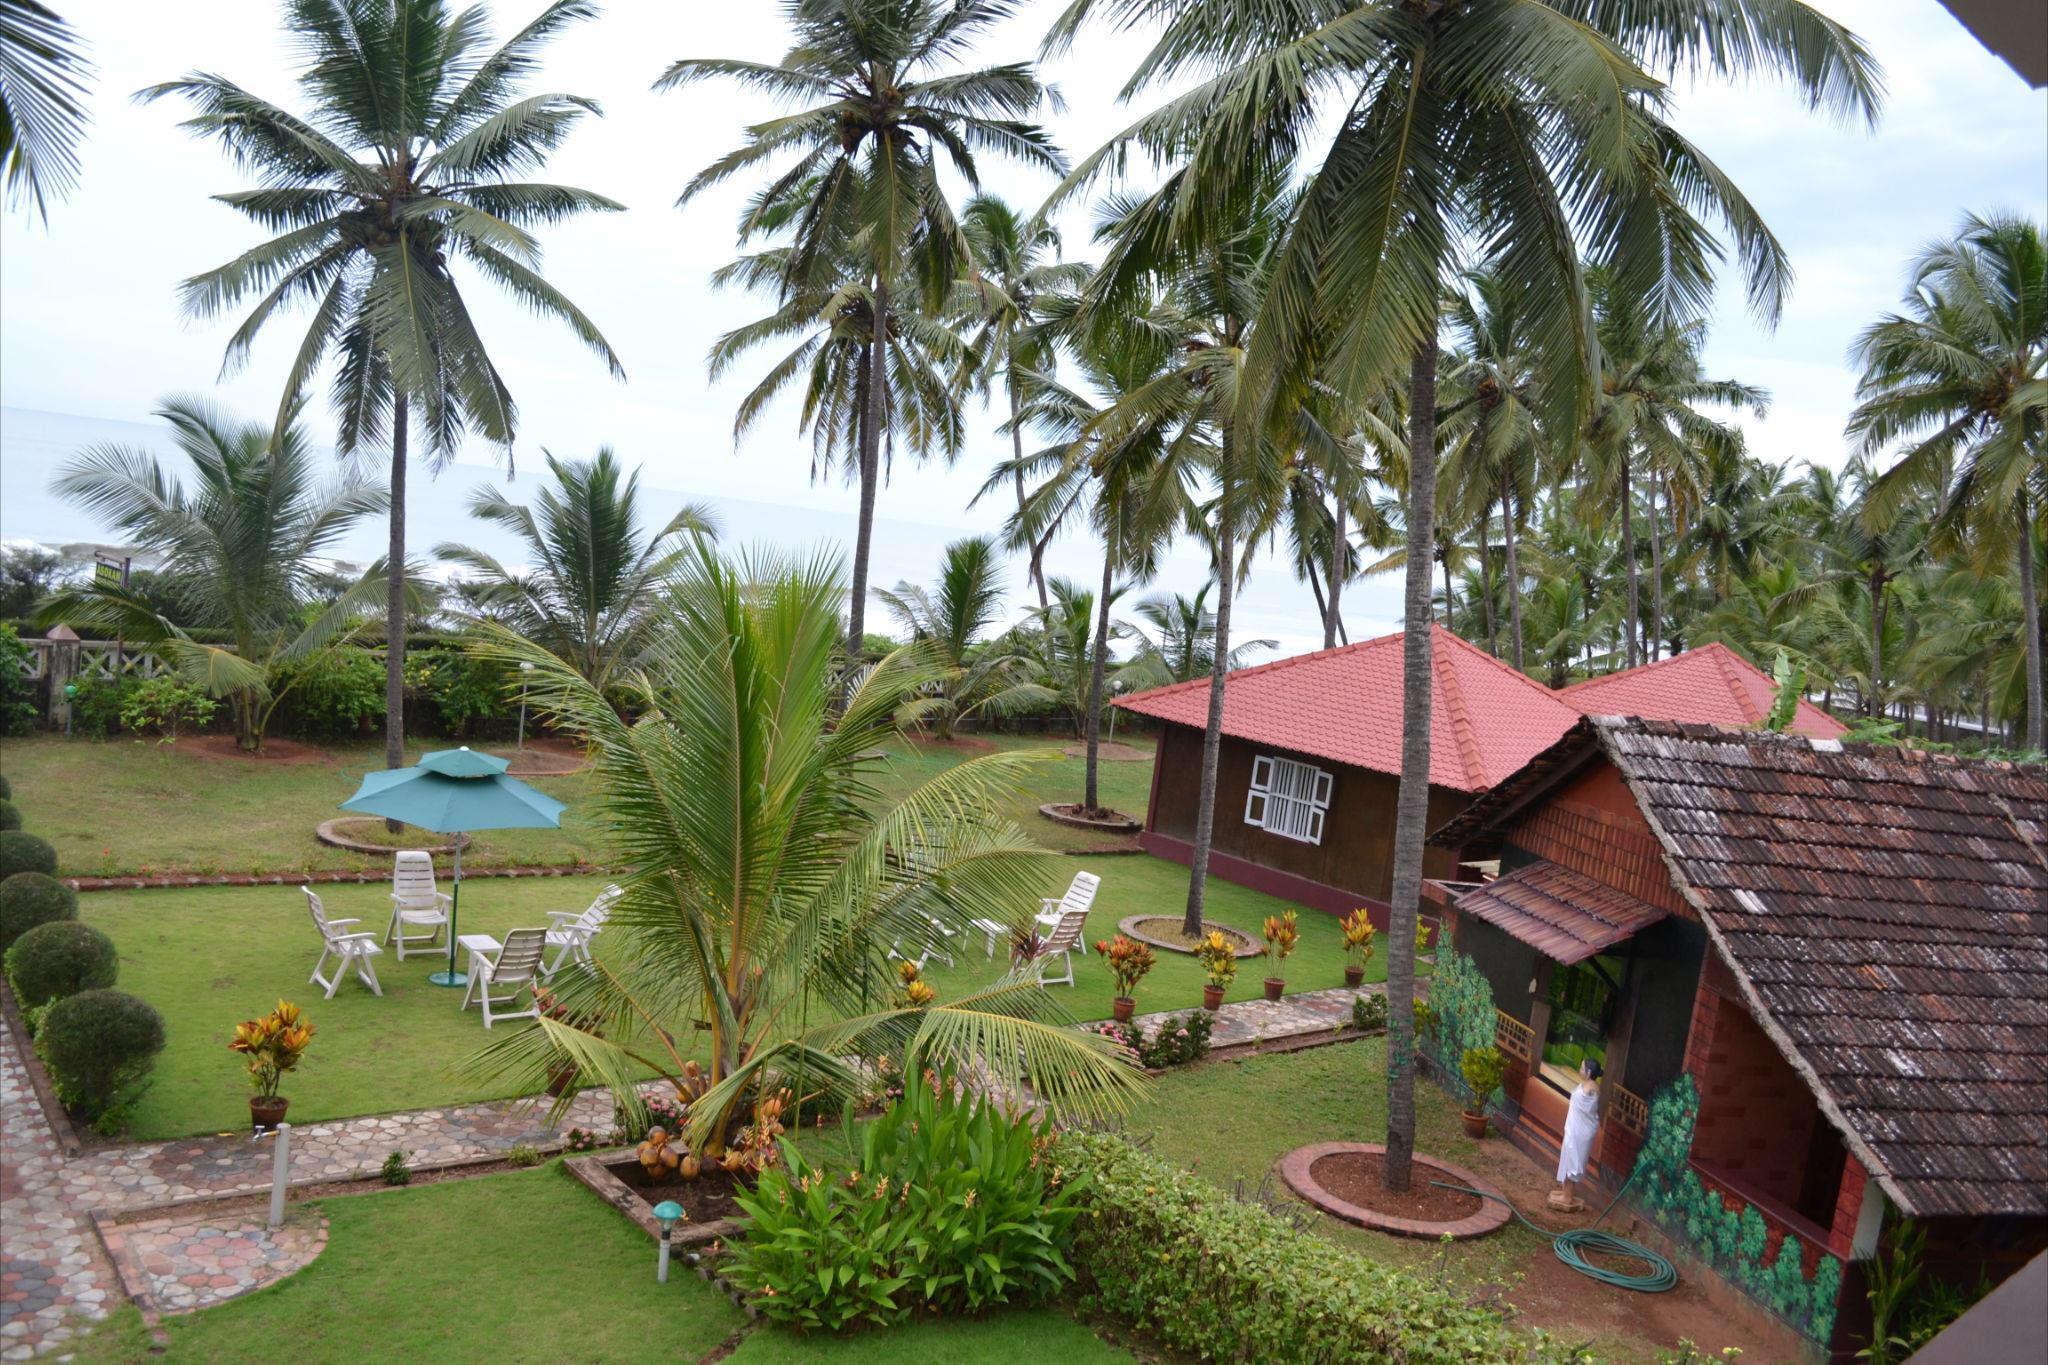 asokam-beach-resort-kannur-kerala-india-4